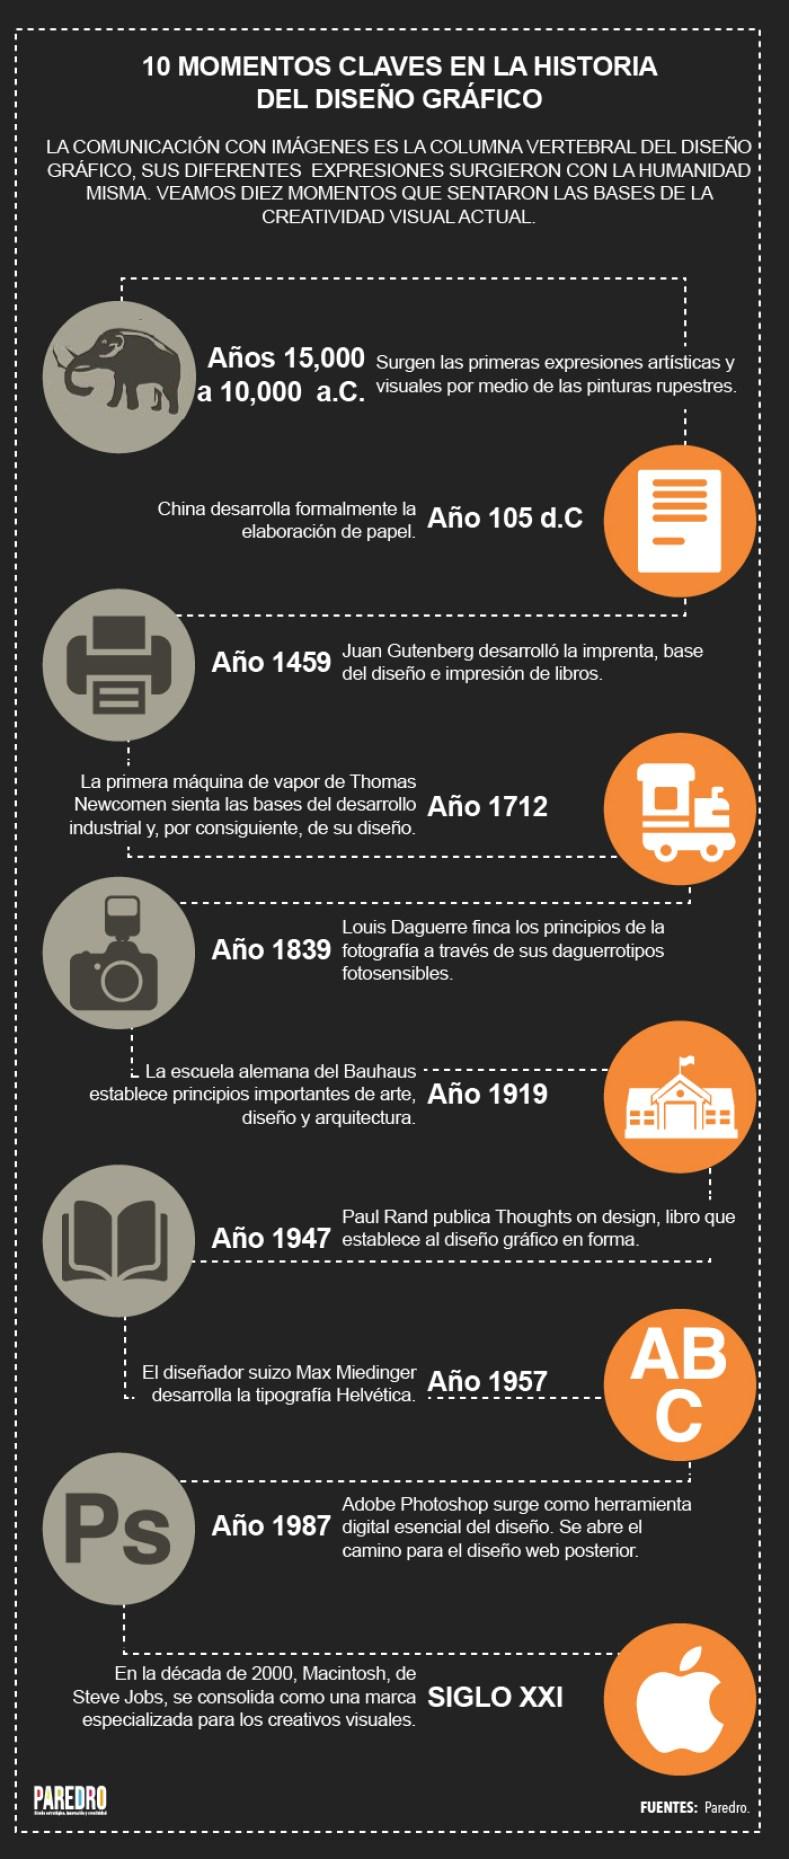 10 momentos clave de la Historia del Diseño Gráfico